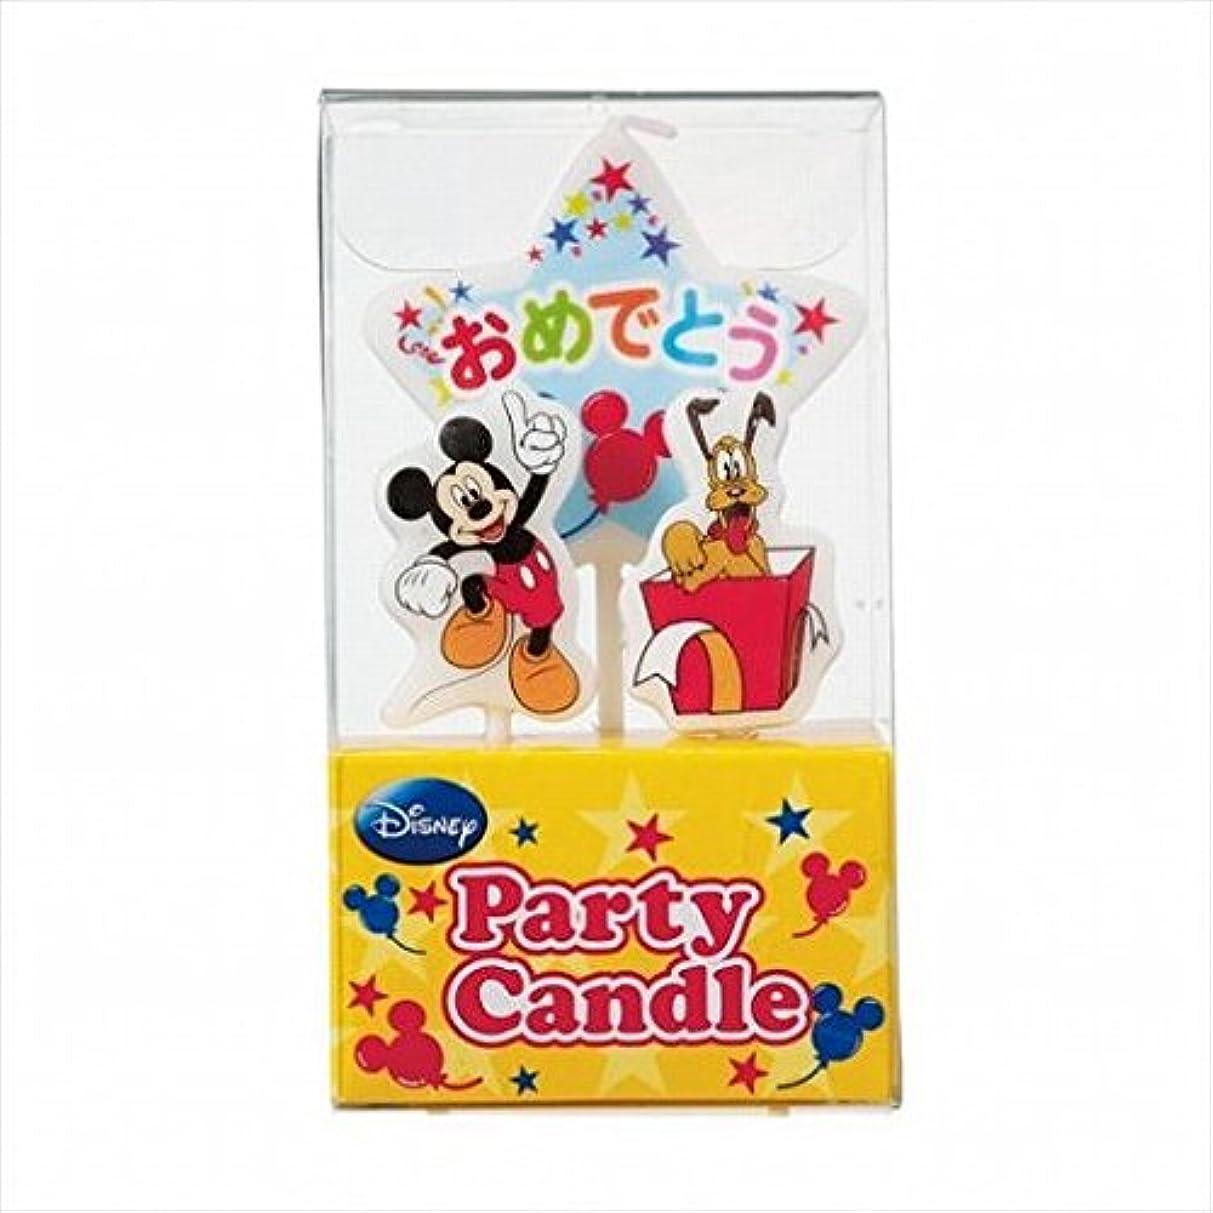 そうでなければジョージバーナードジーンズkameyama candle(カメヤマキャンドル) ディズニーパーティーキャンドル【ケーキ用キャンドル】 「 ミッキー 」(A3120010)